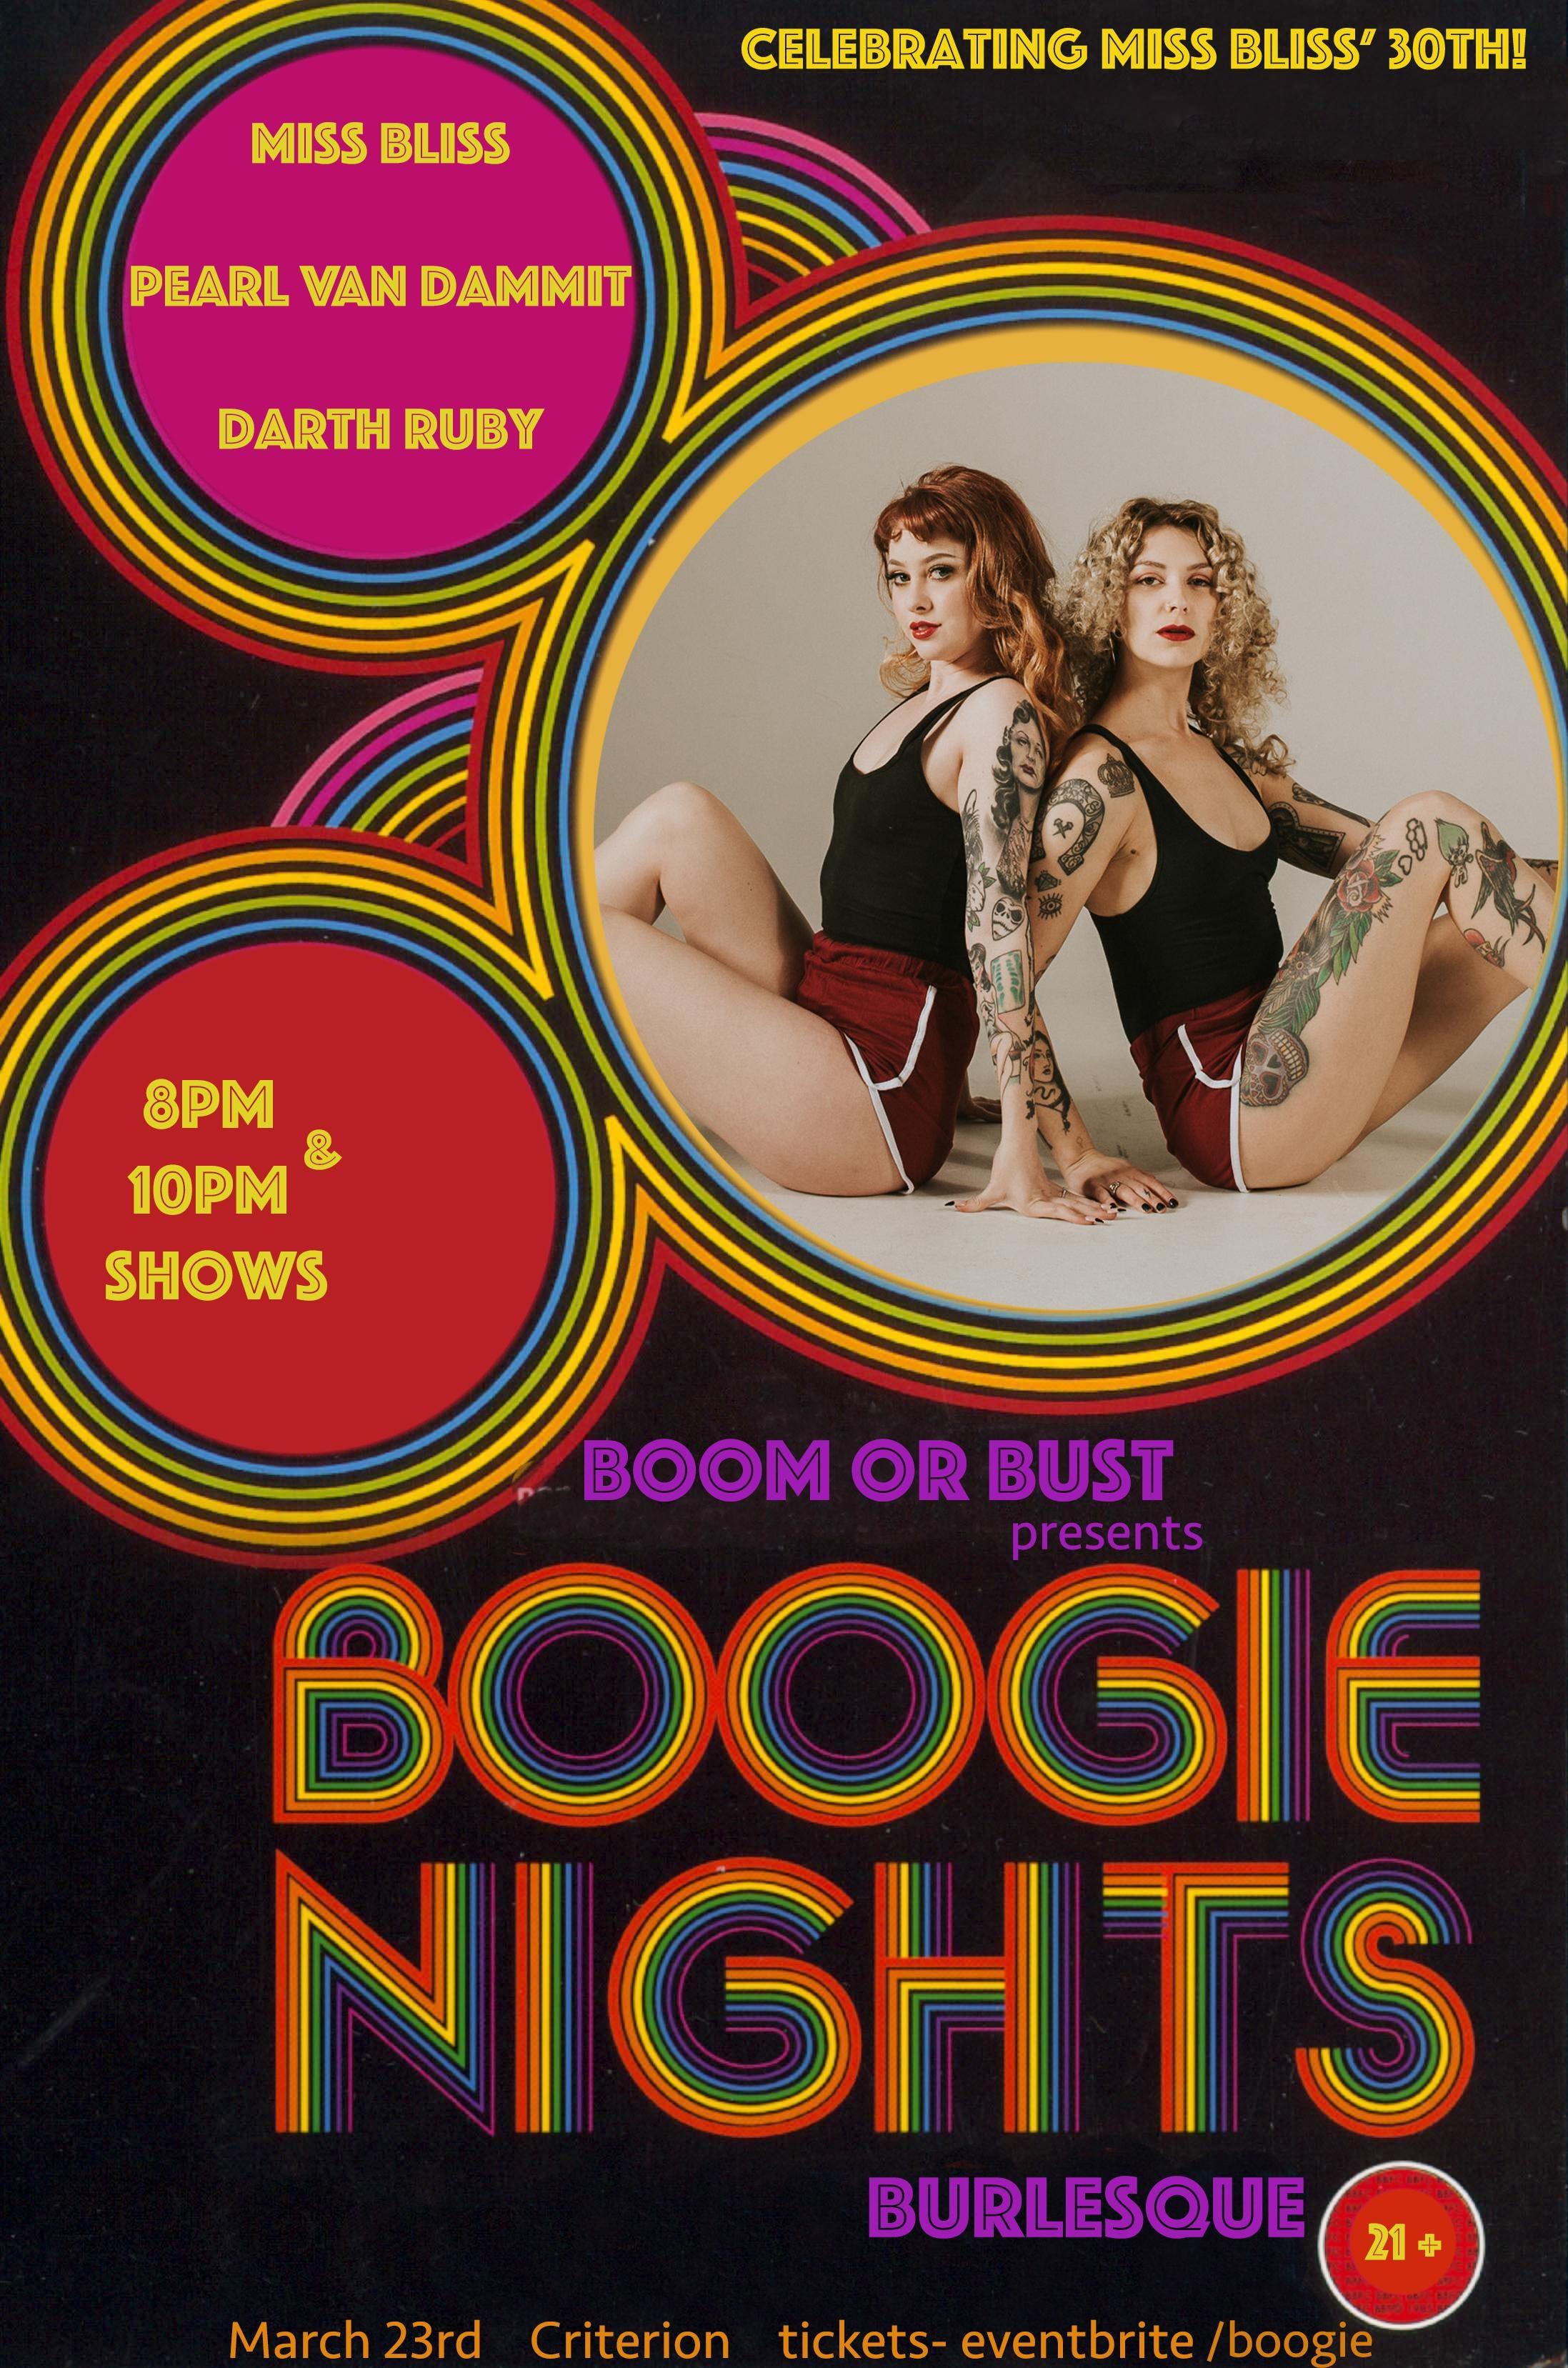 Boogie Nights Burlesque